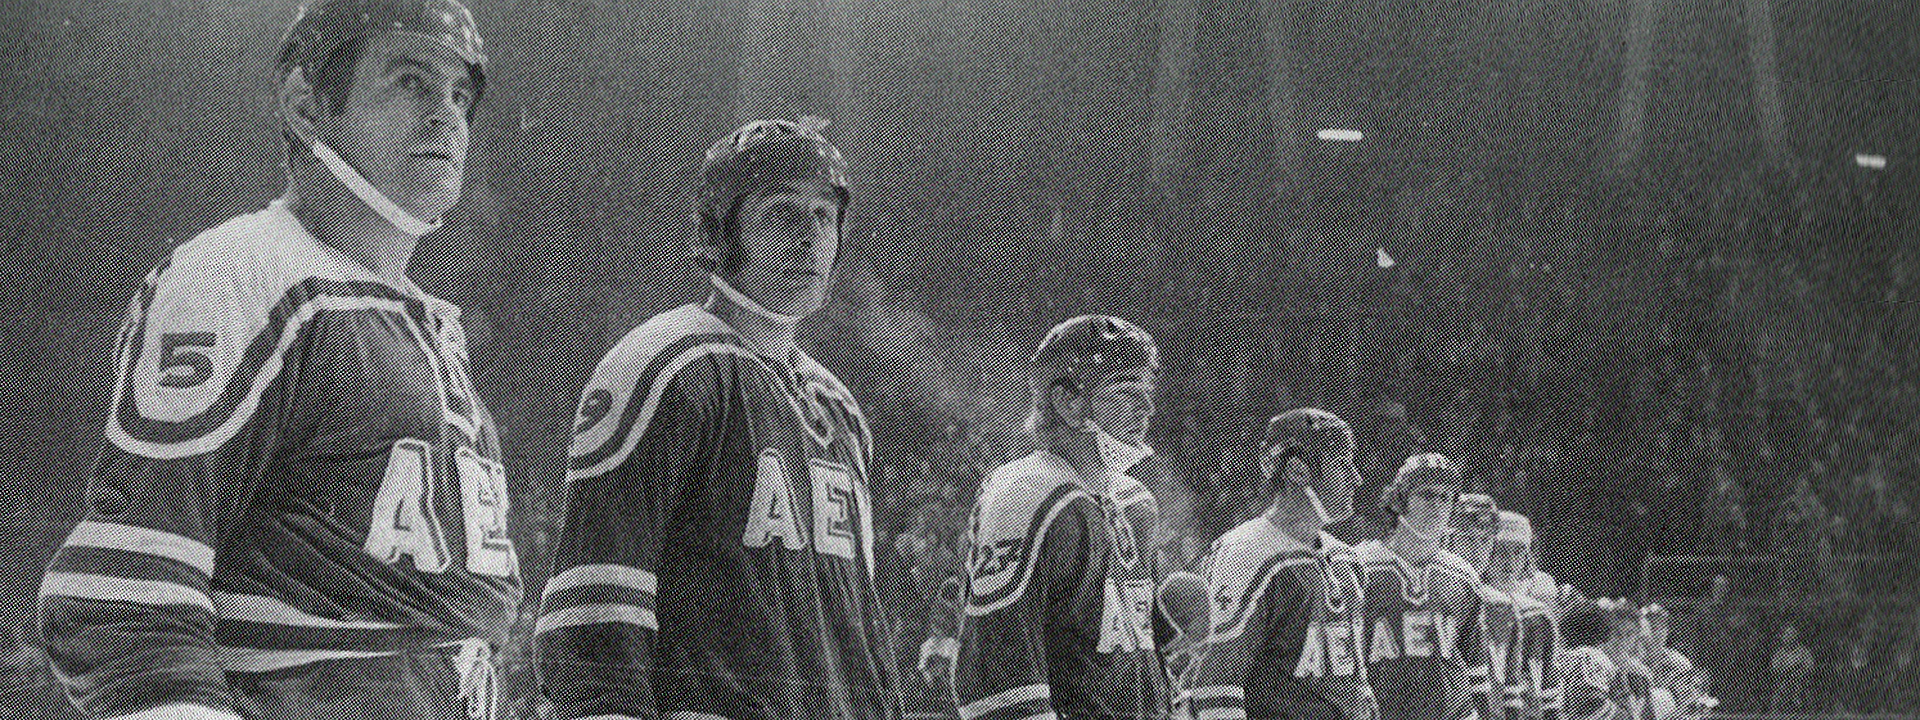 Die Geschichte des Augsburger Eishockeys